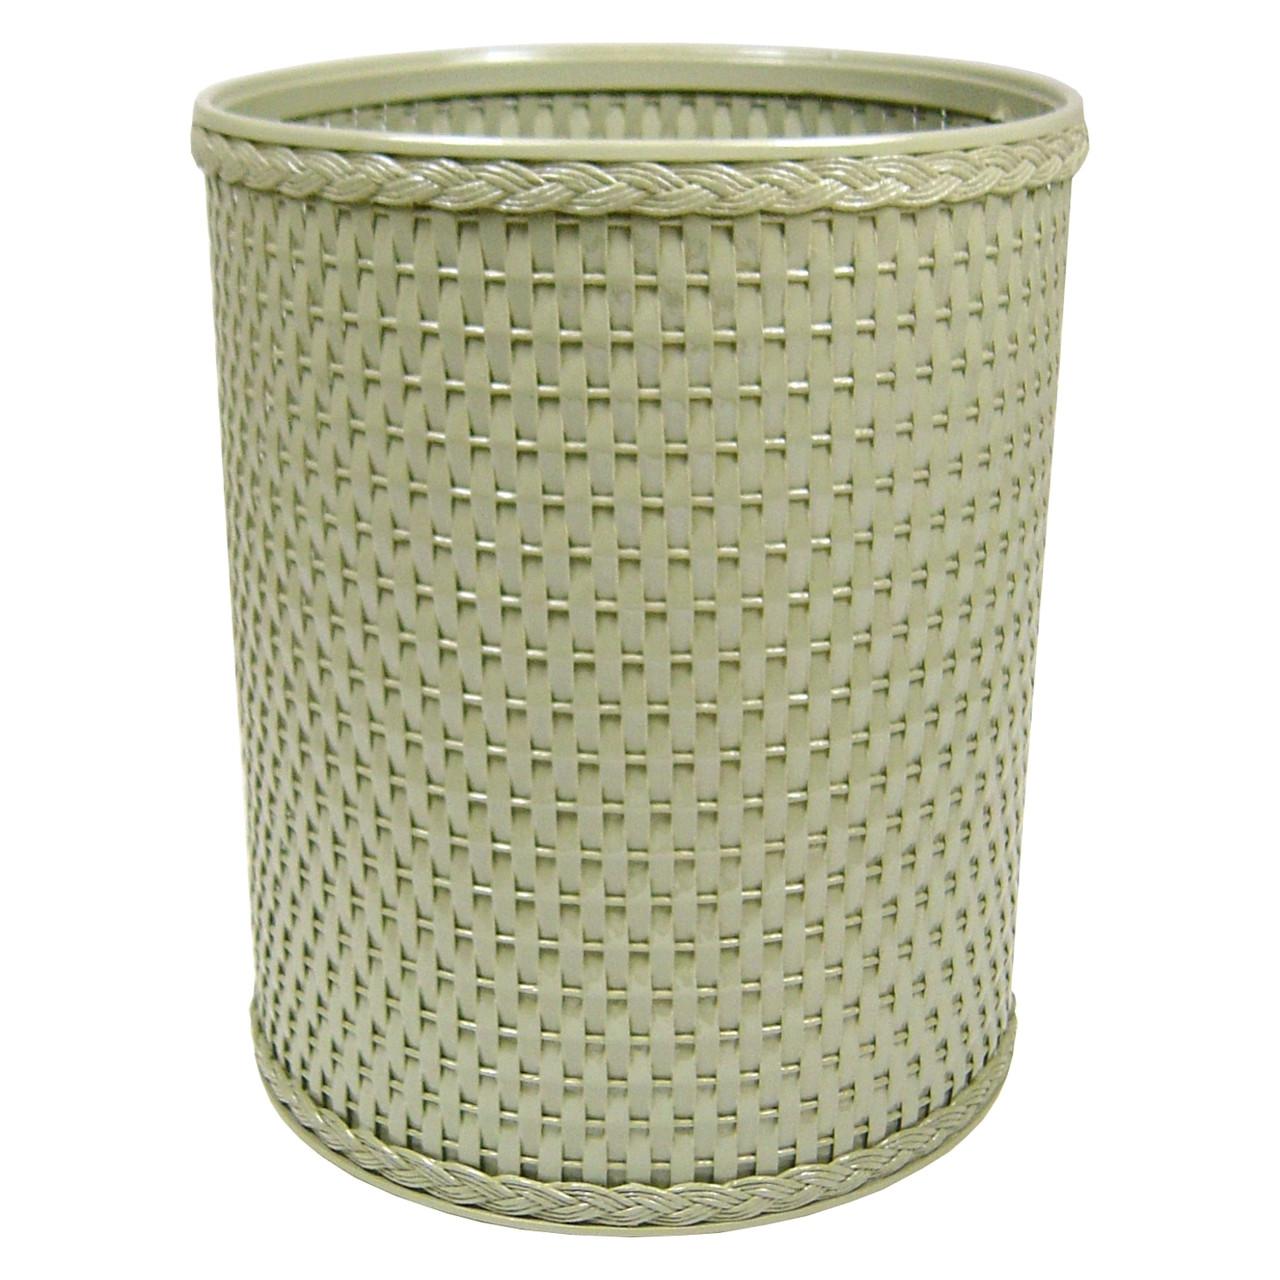 Chelsea Wicker Round Wastebasket Sage